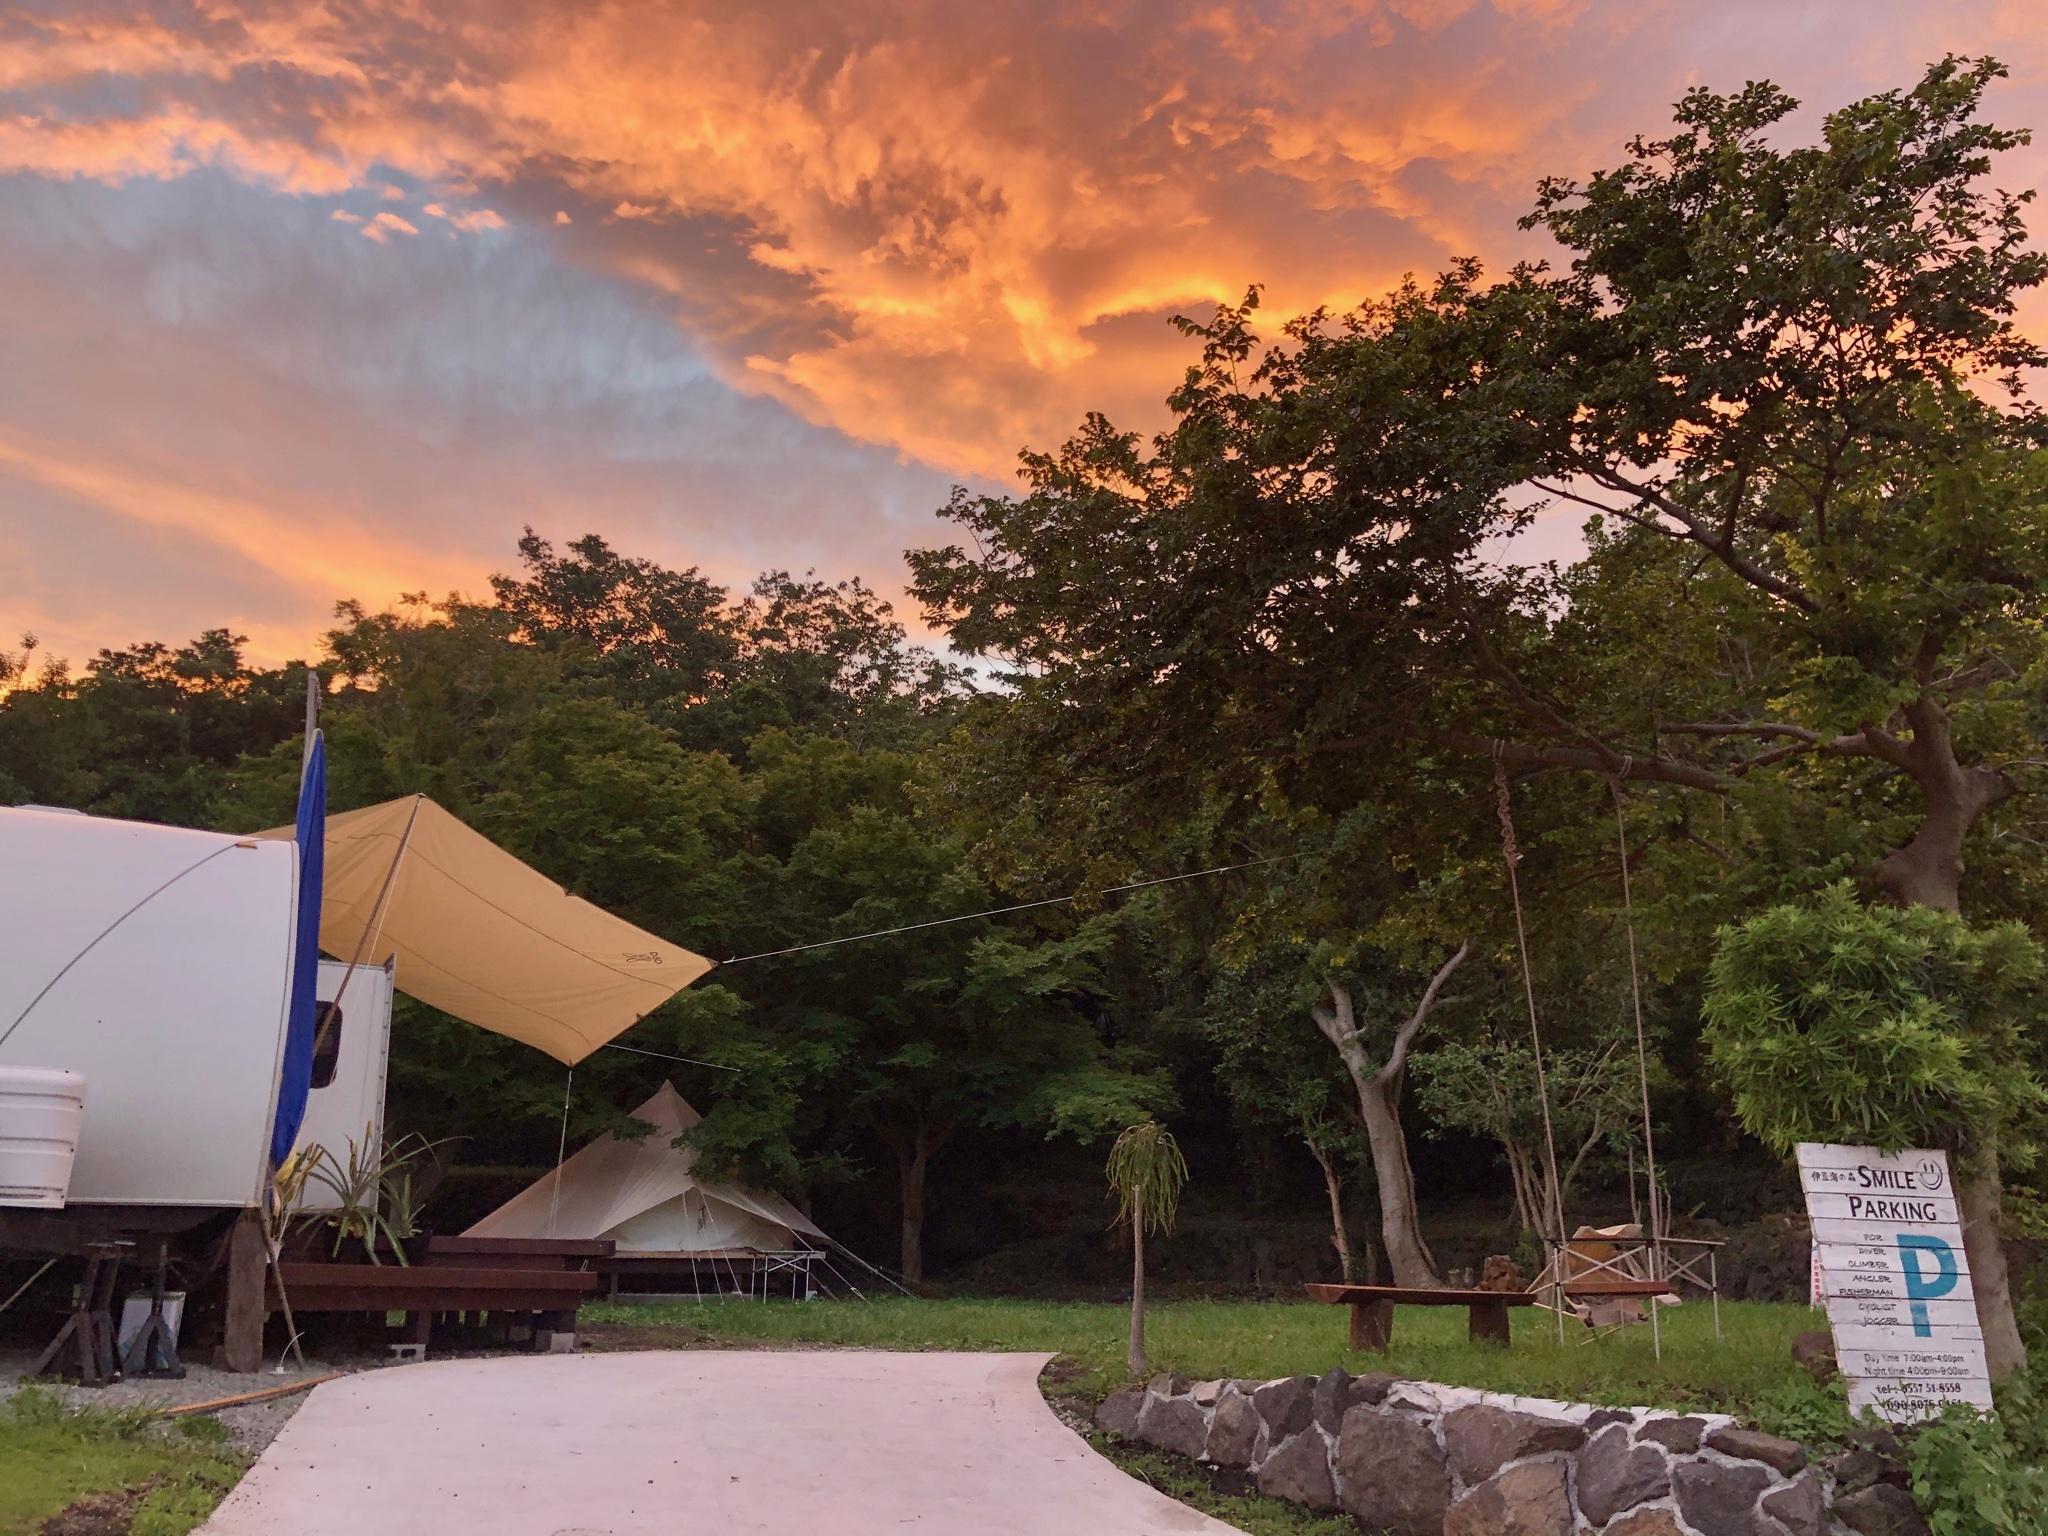 夕暮れのスマイルキャンプ場☺︎